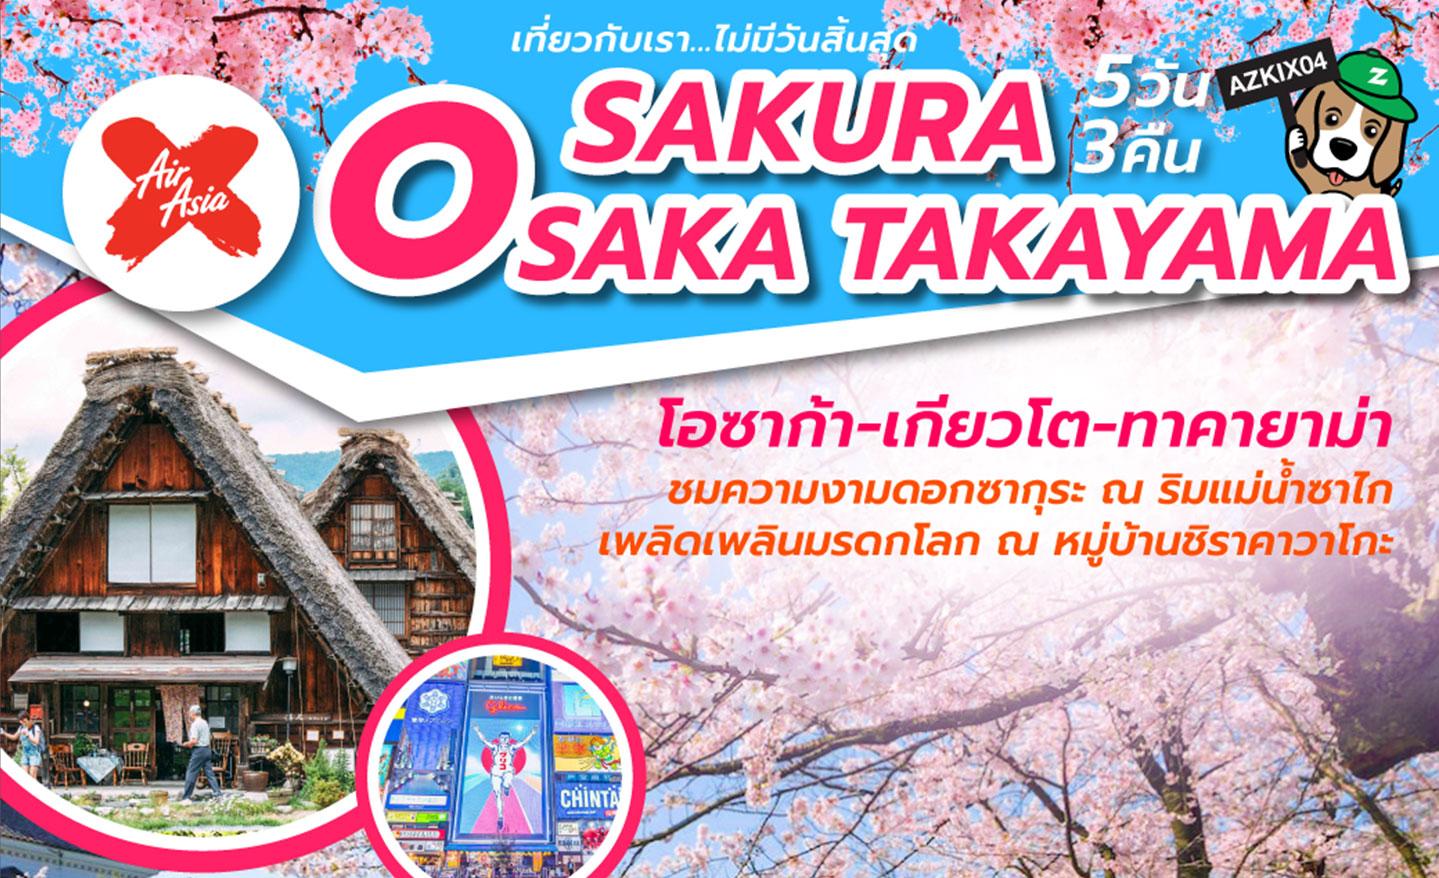 ทัวร์ญี่ปุ่น Sakura Osaka Takayama (มี.ค.62)